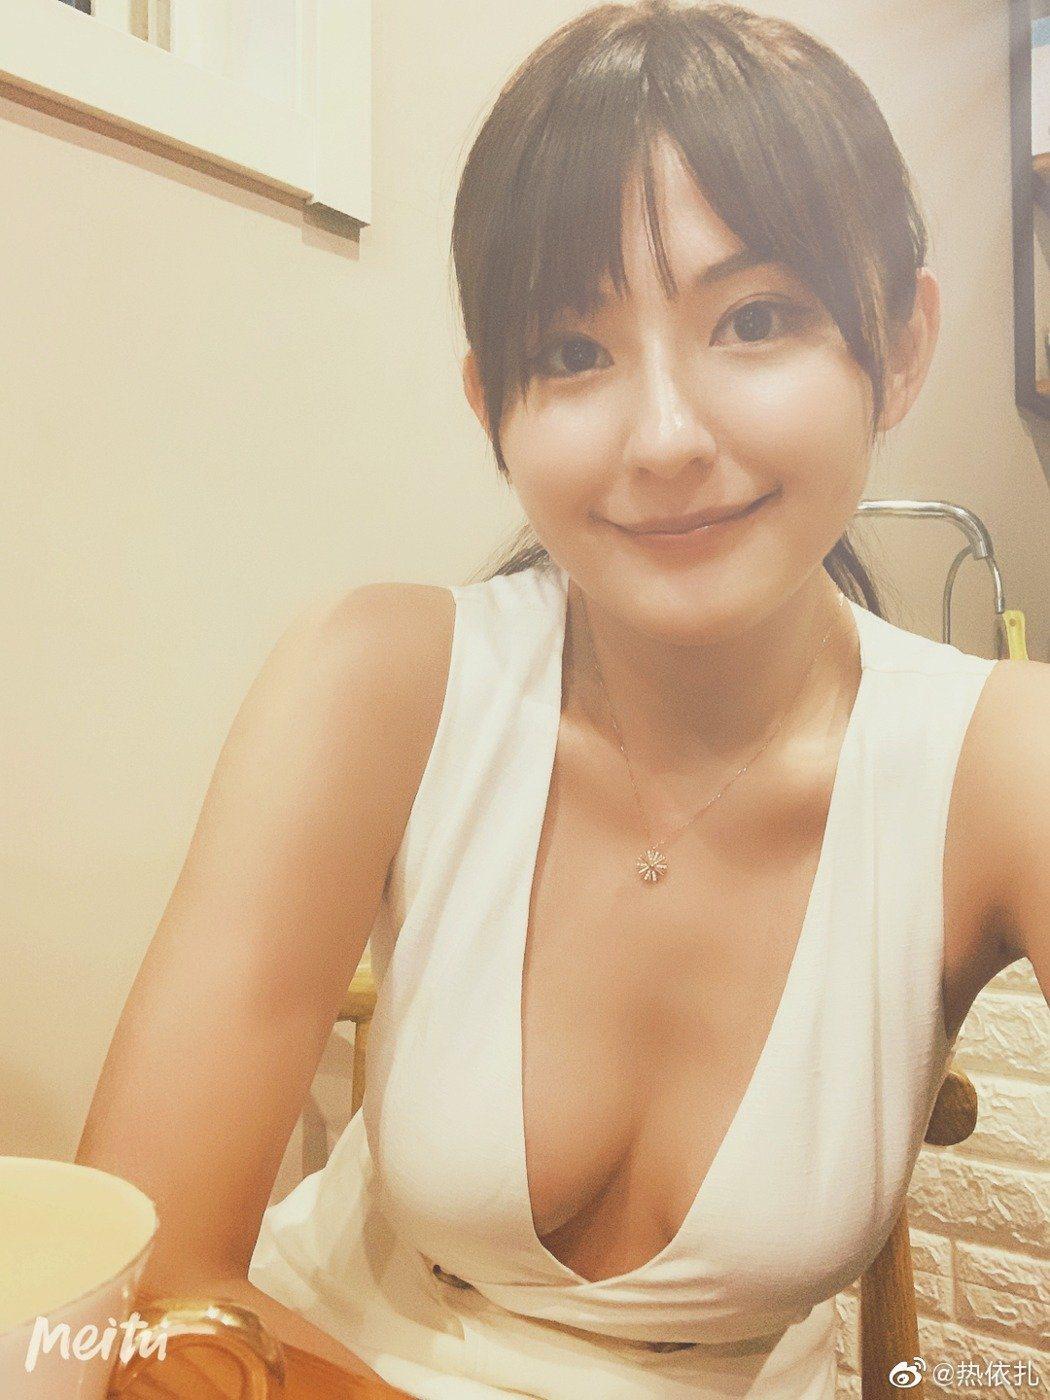 熱依扎自曝是重度抑鬱症加重度焦慮患者。圖/擷自weibo。